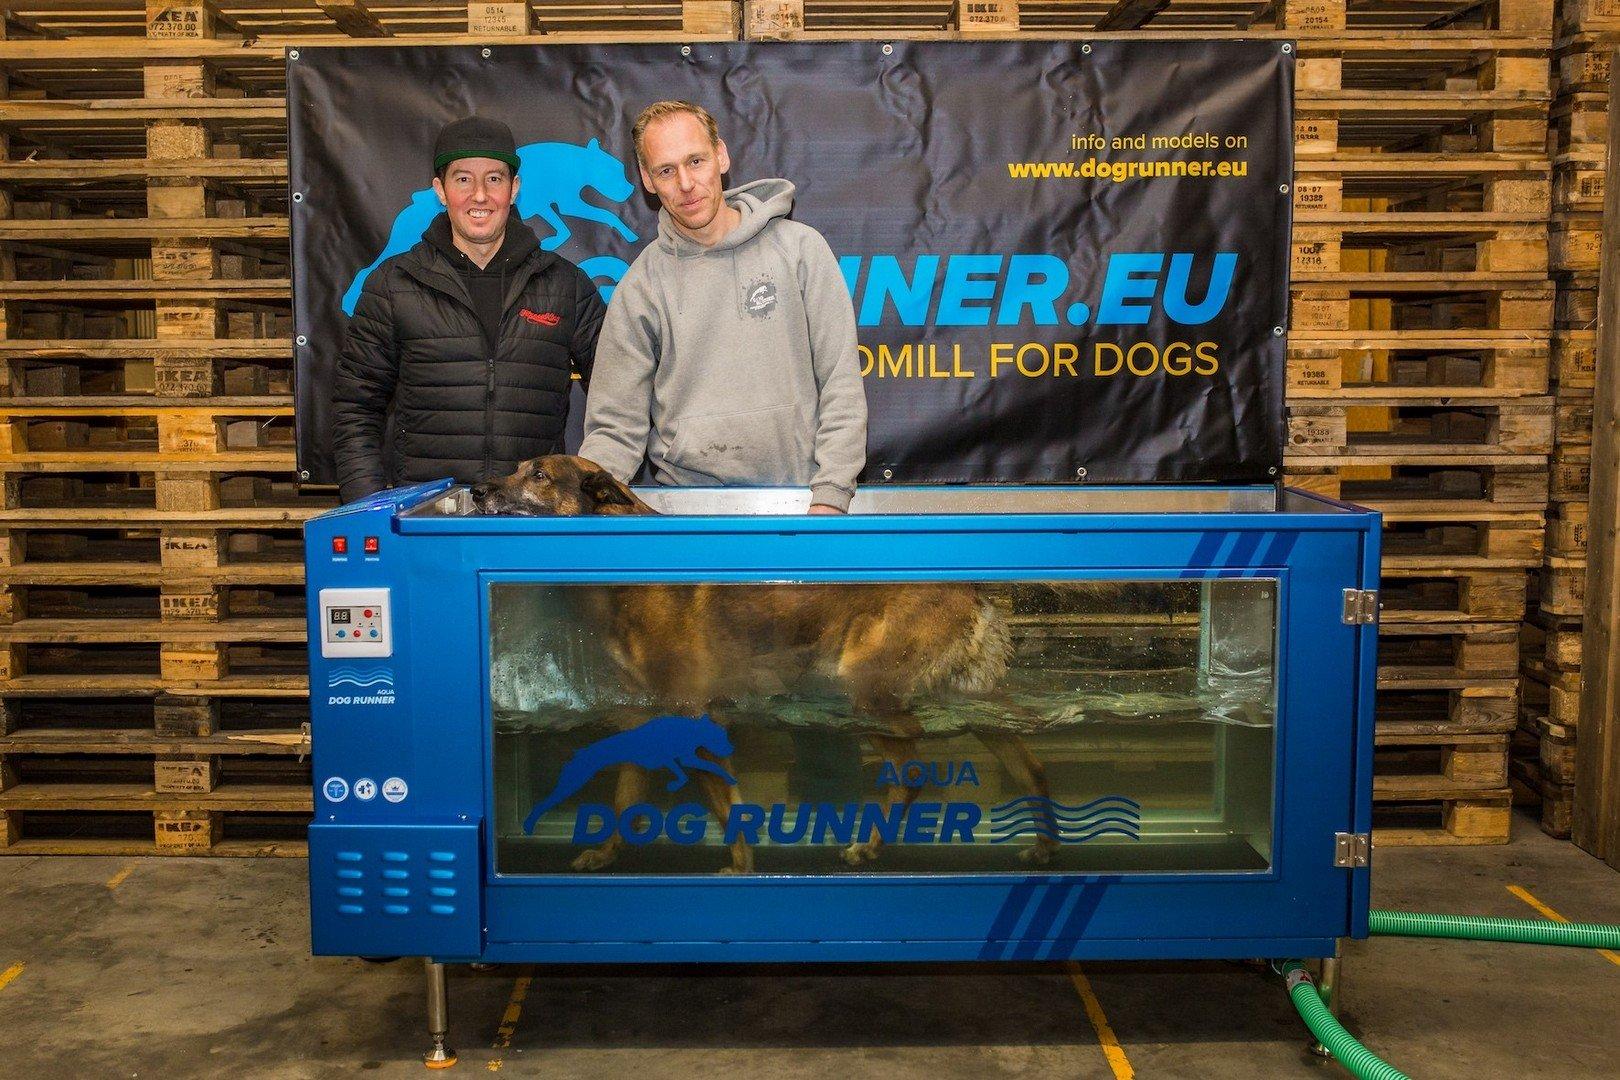 Janez Detd frontman ontwikkelt onderwaterloopband voor honden - Aqua Runner 2